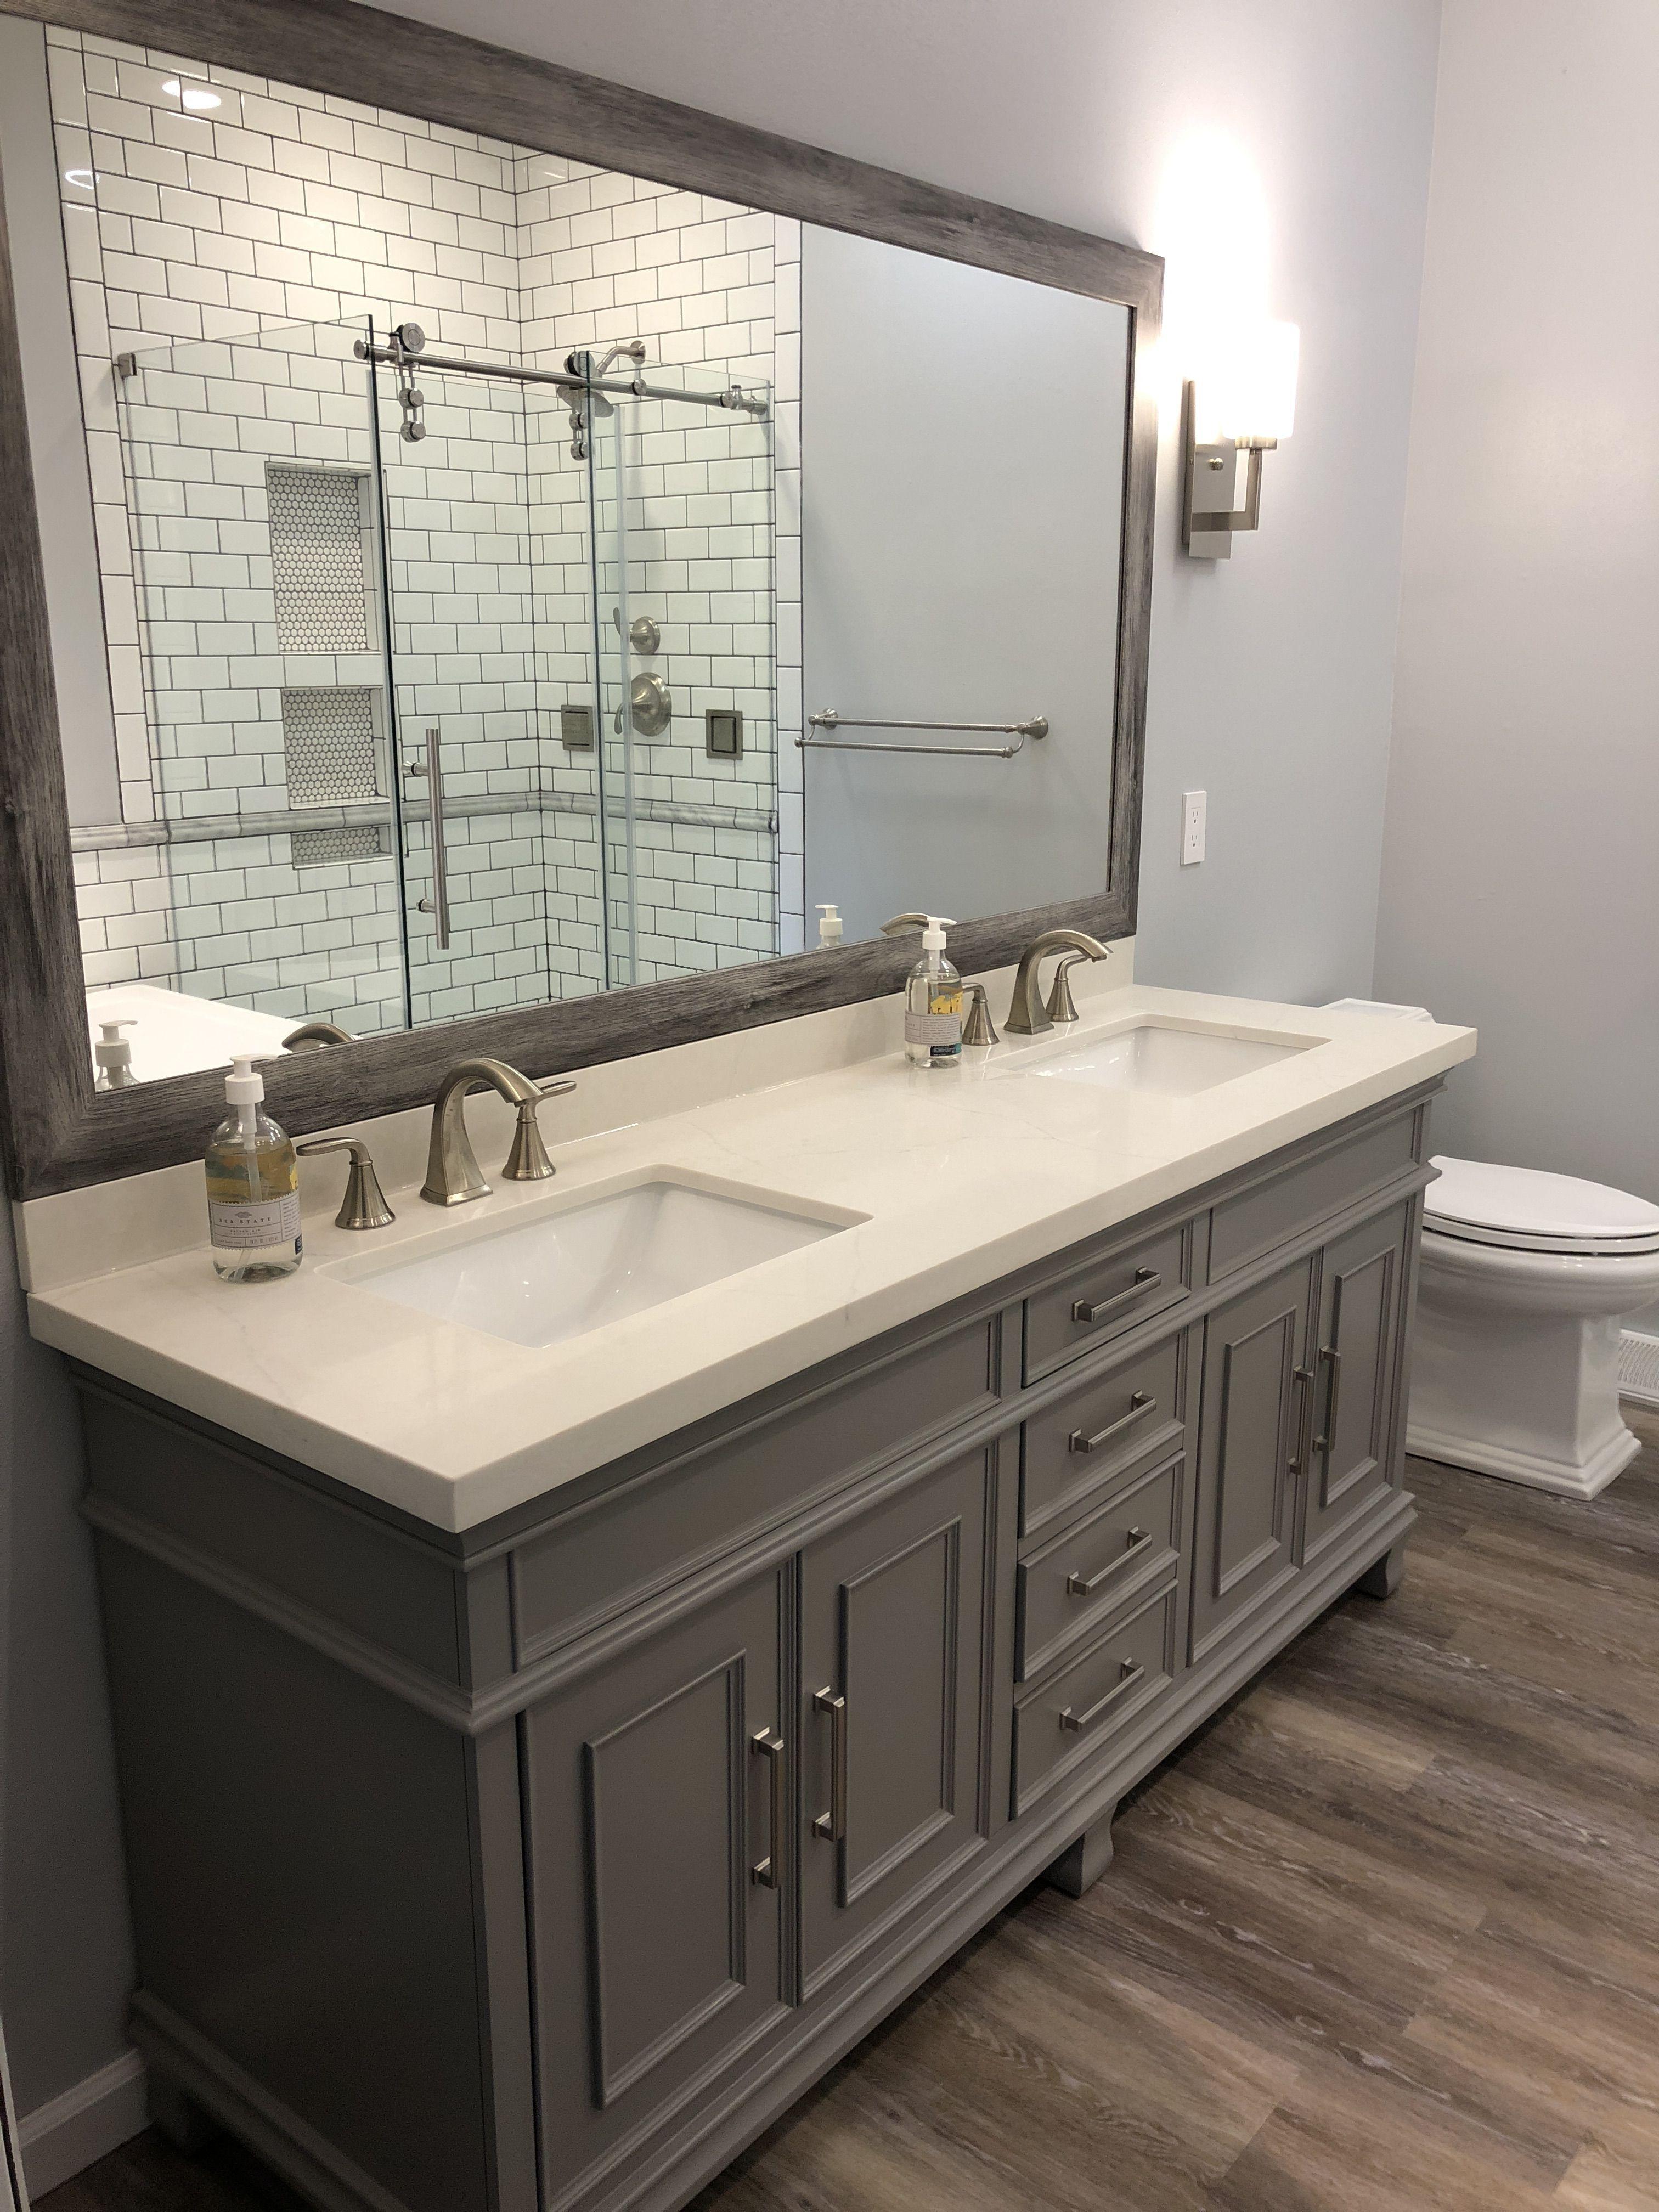 Top 10 Double Bathroom Vanity Design Ideas  Double vanity